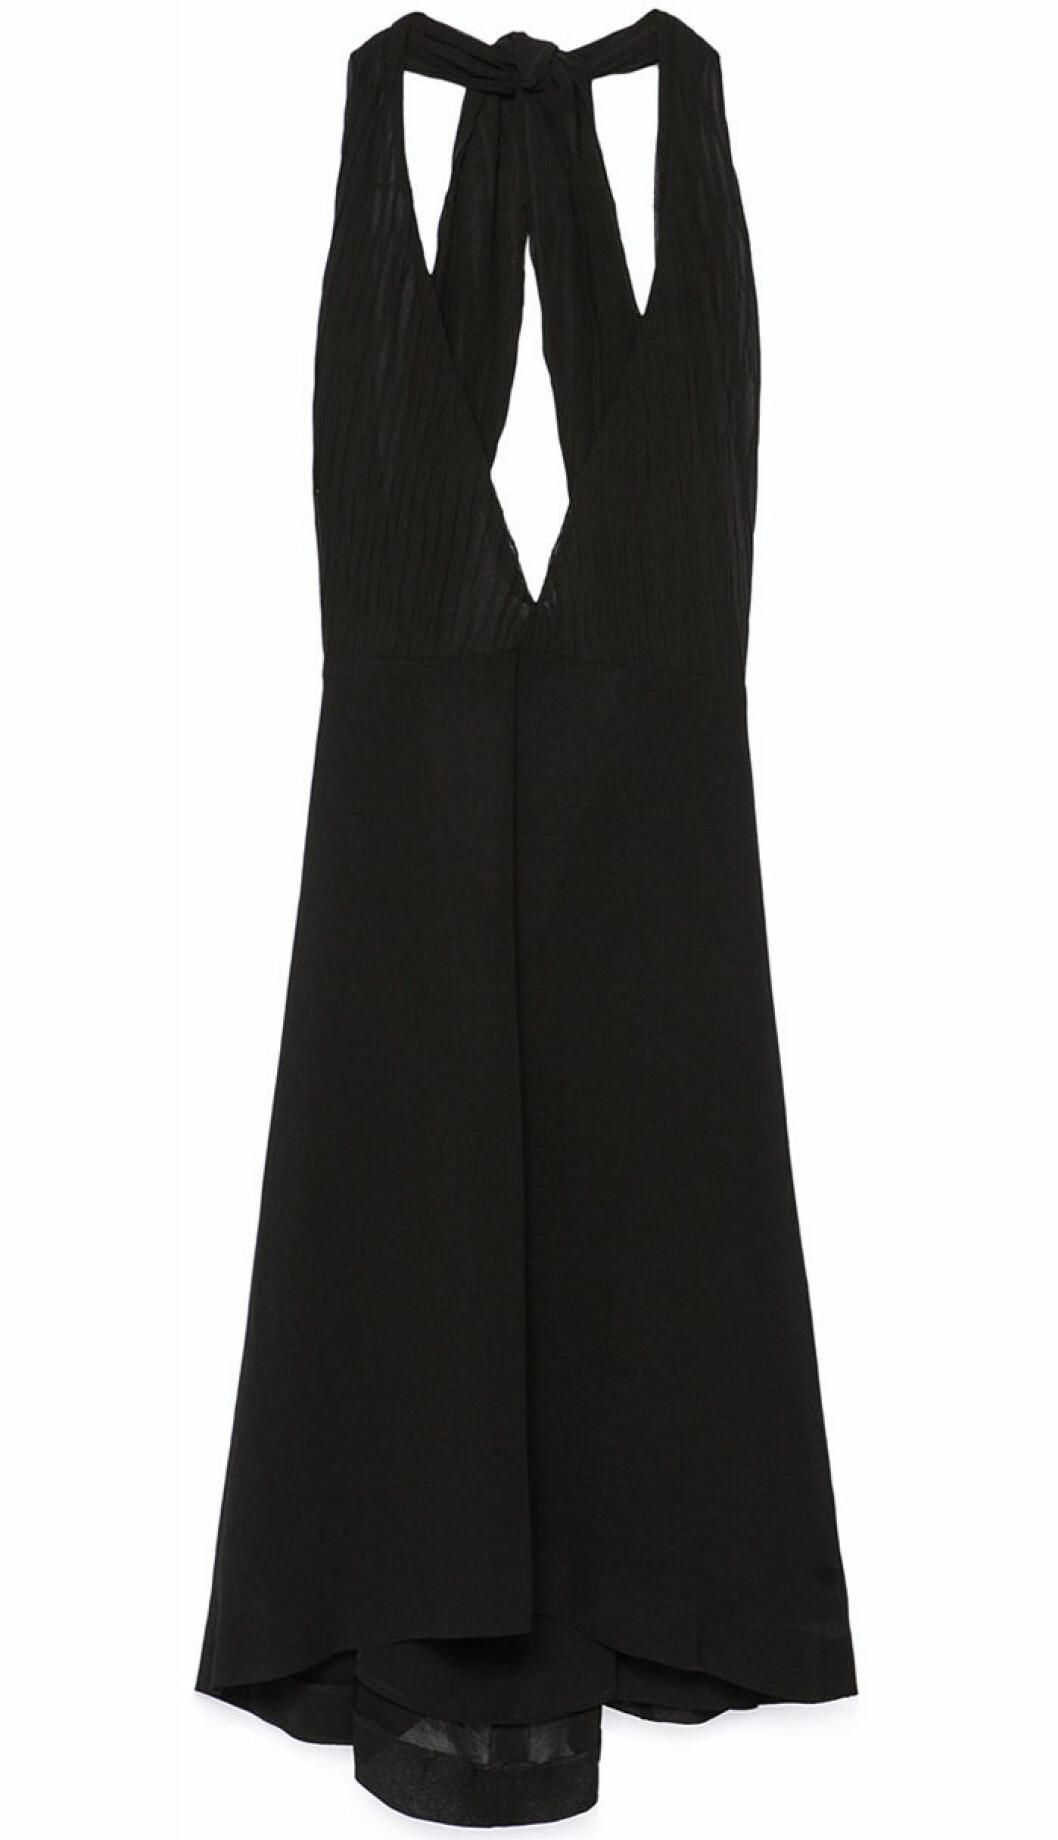 14. Klänning, 699 kr, Zara